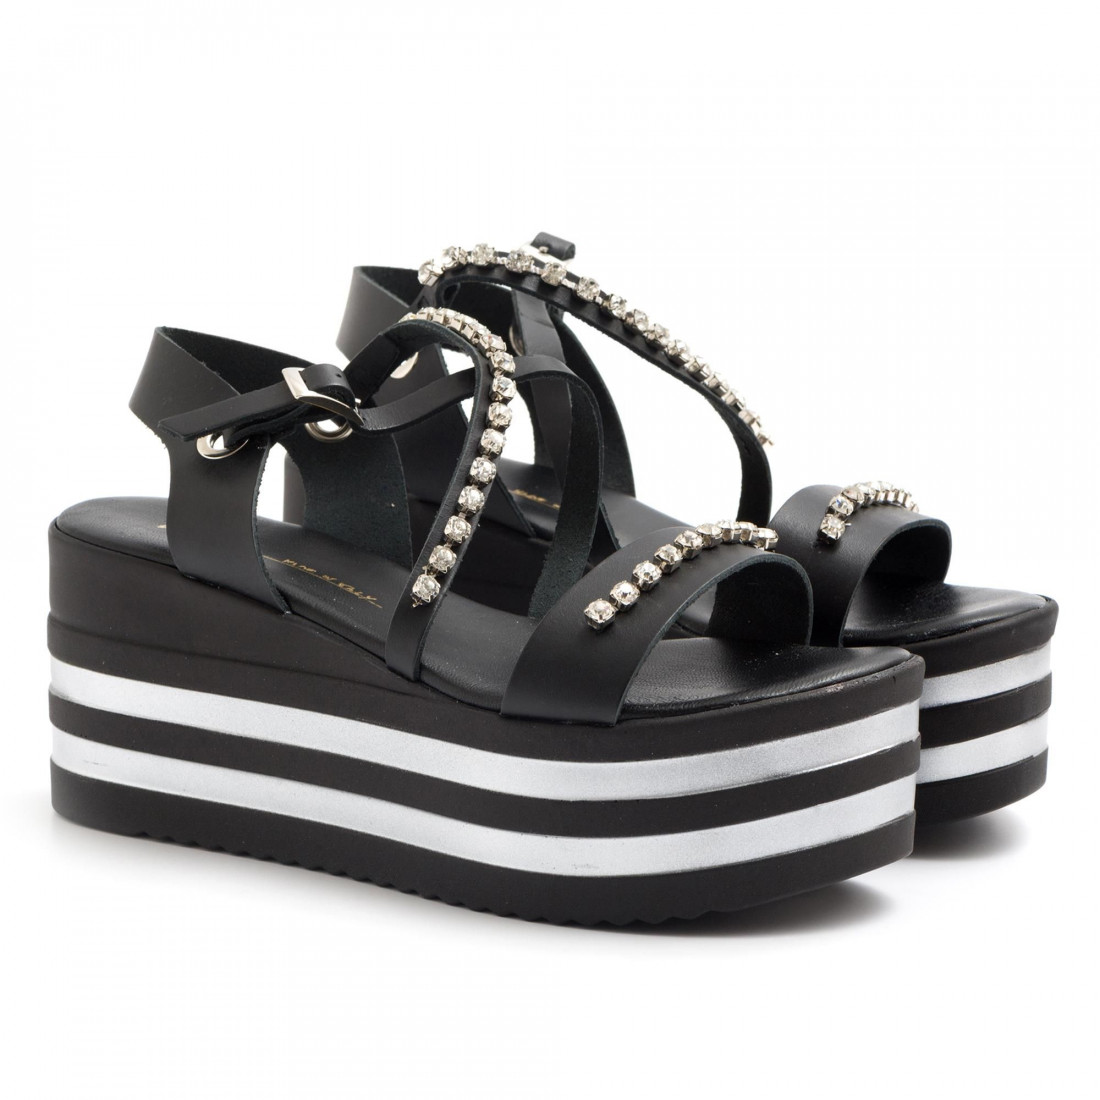 sandals woman le barbottine  2060vacc nero 3198